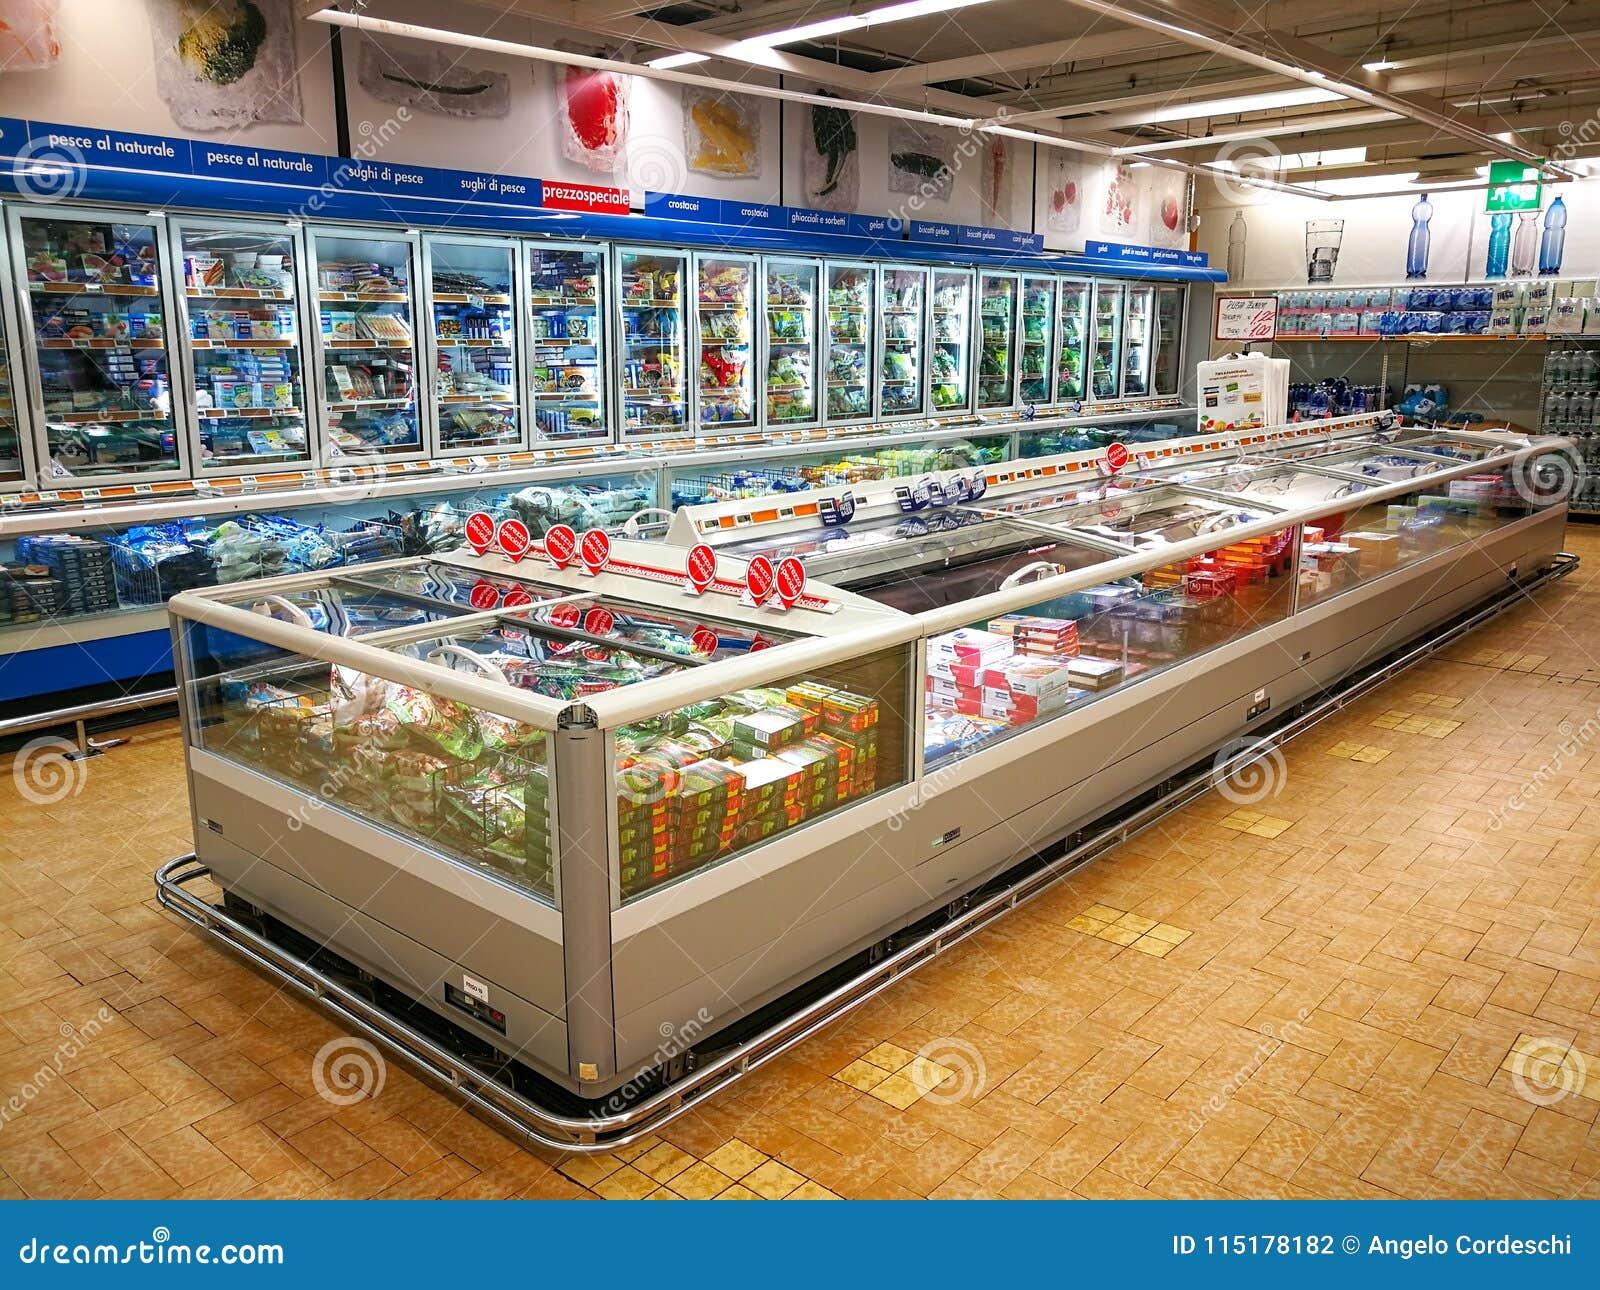 Замороженный отдел, холодильники и продукты